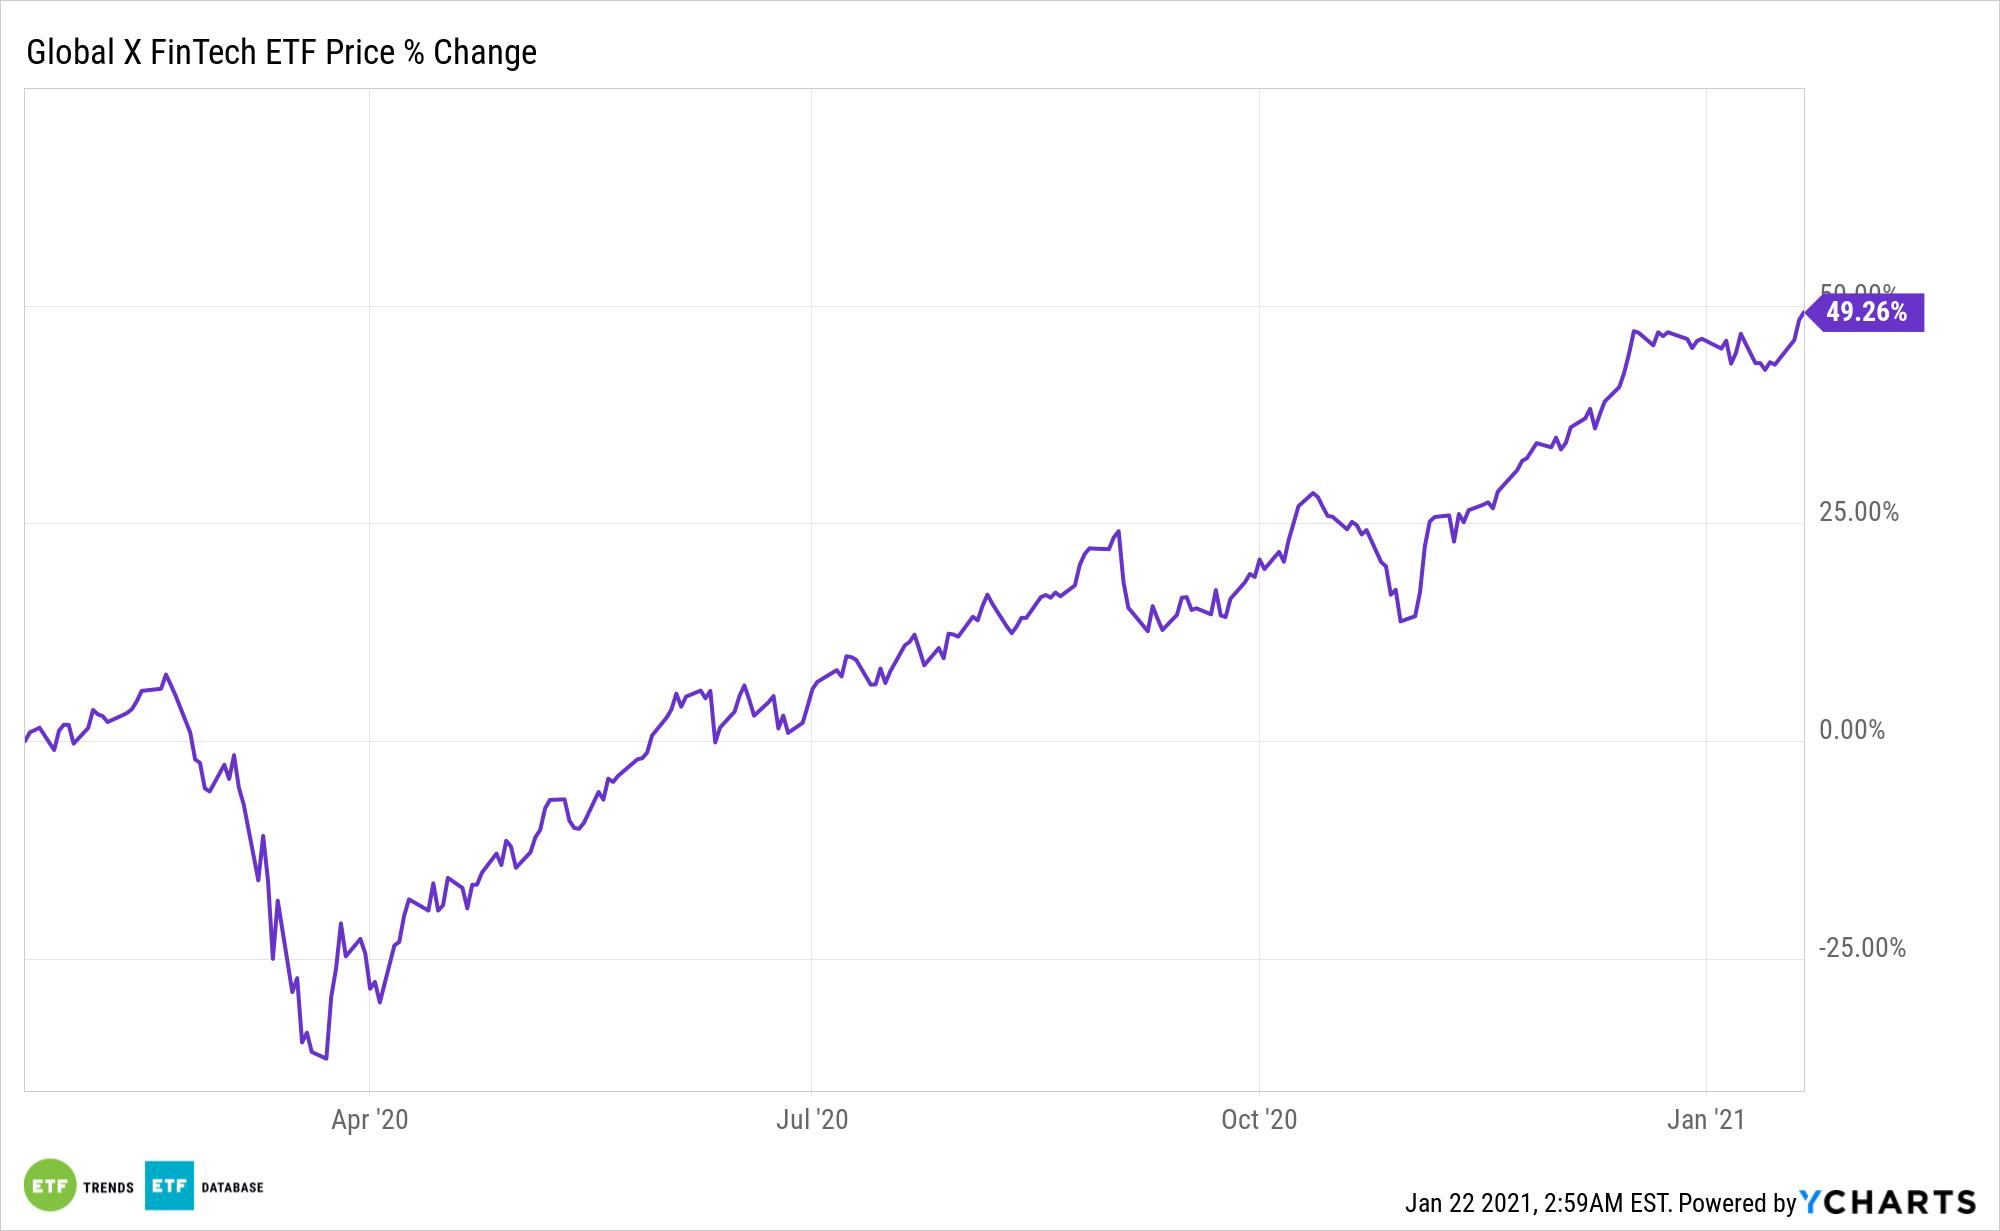 FINX Chart